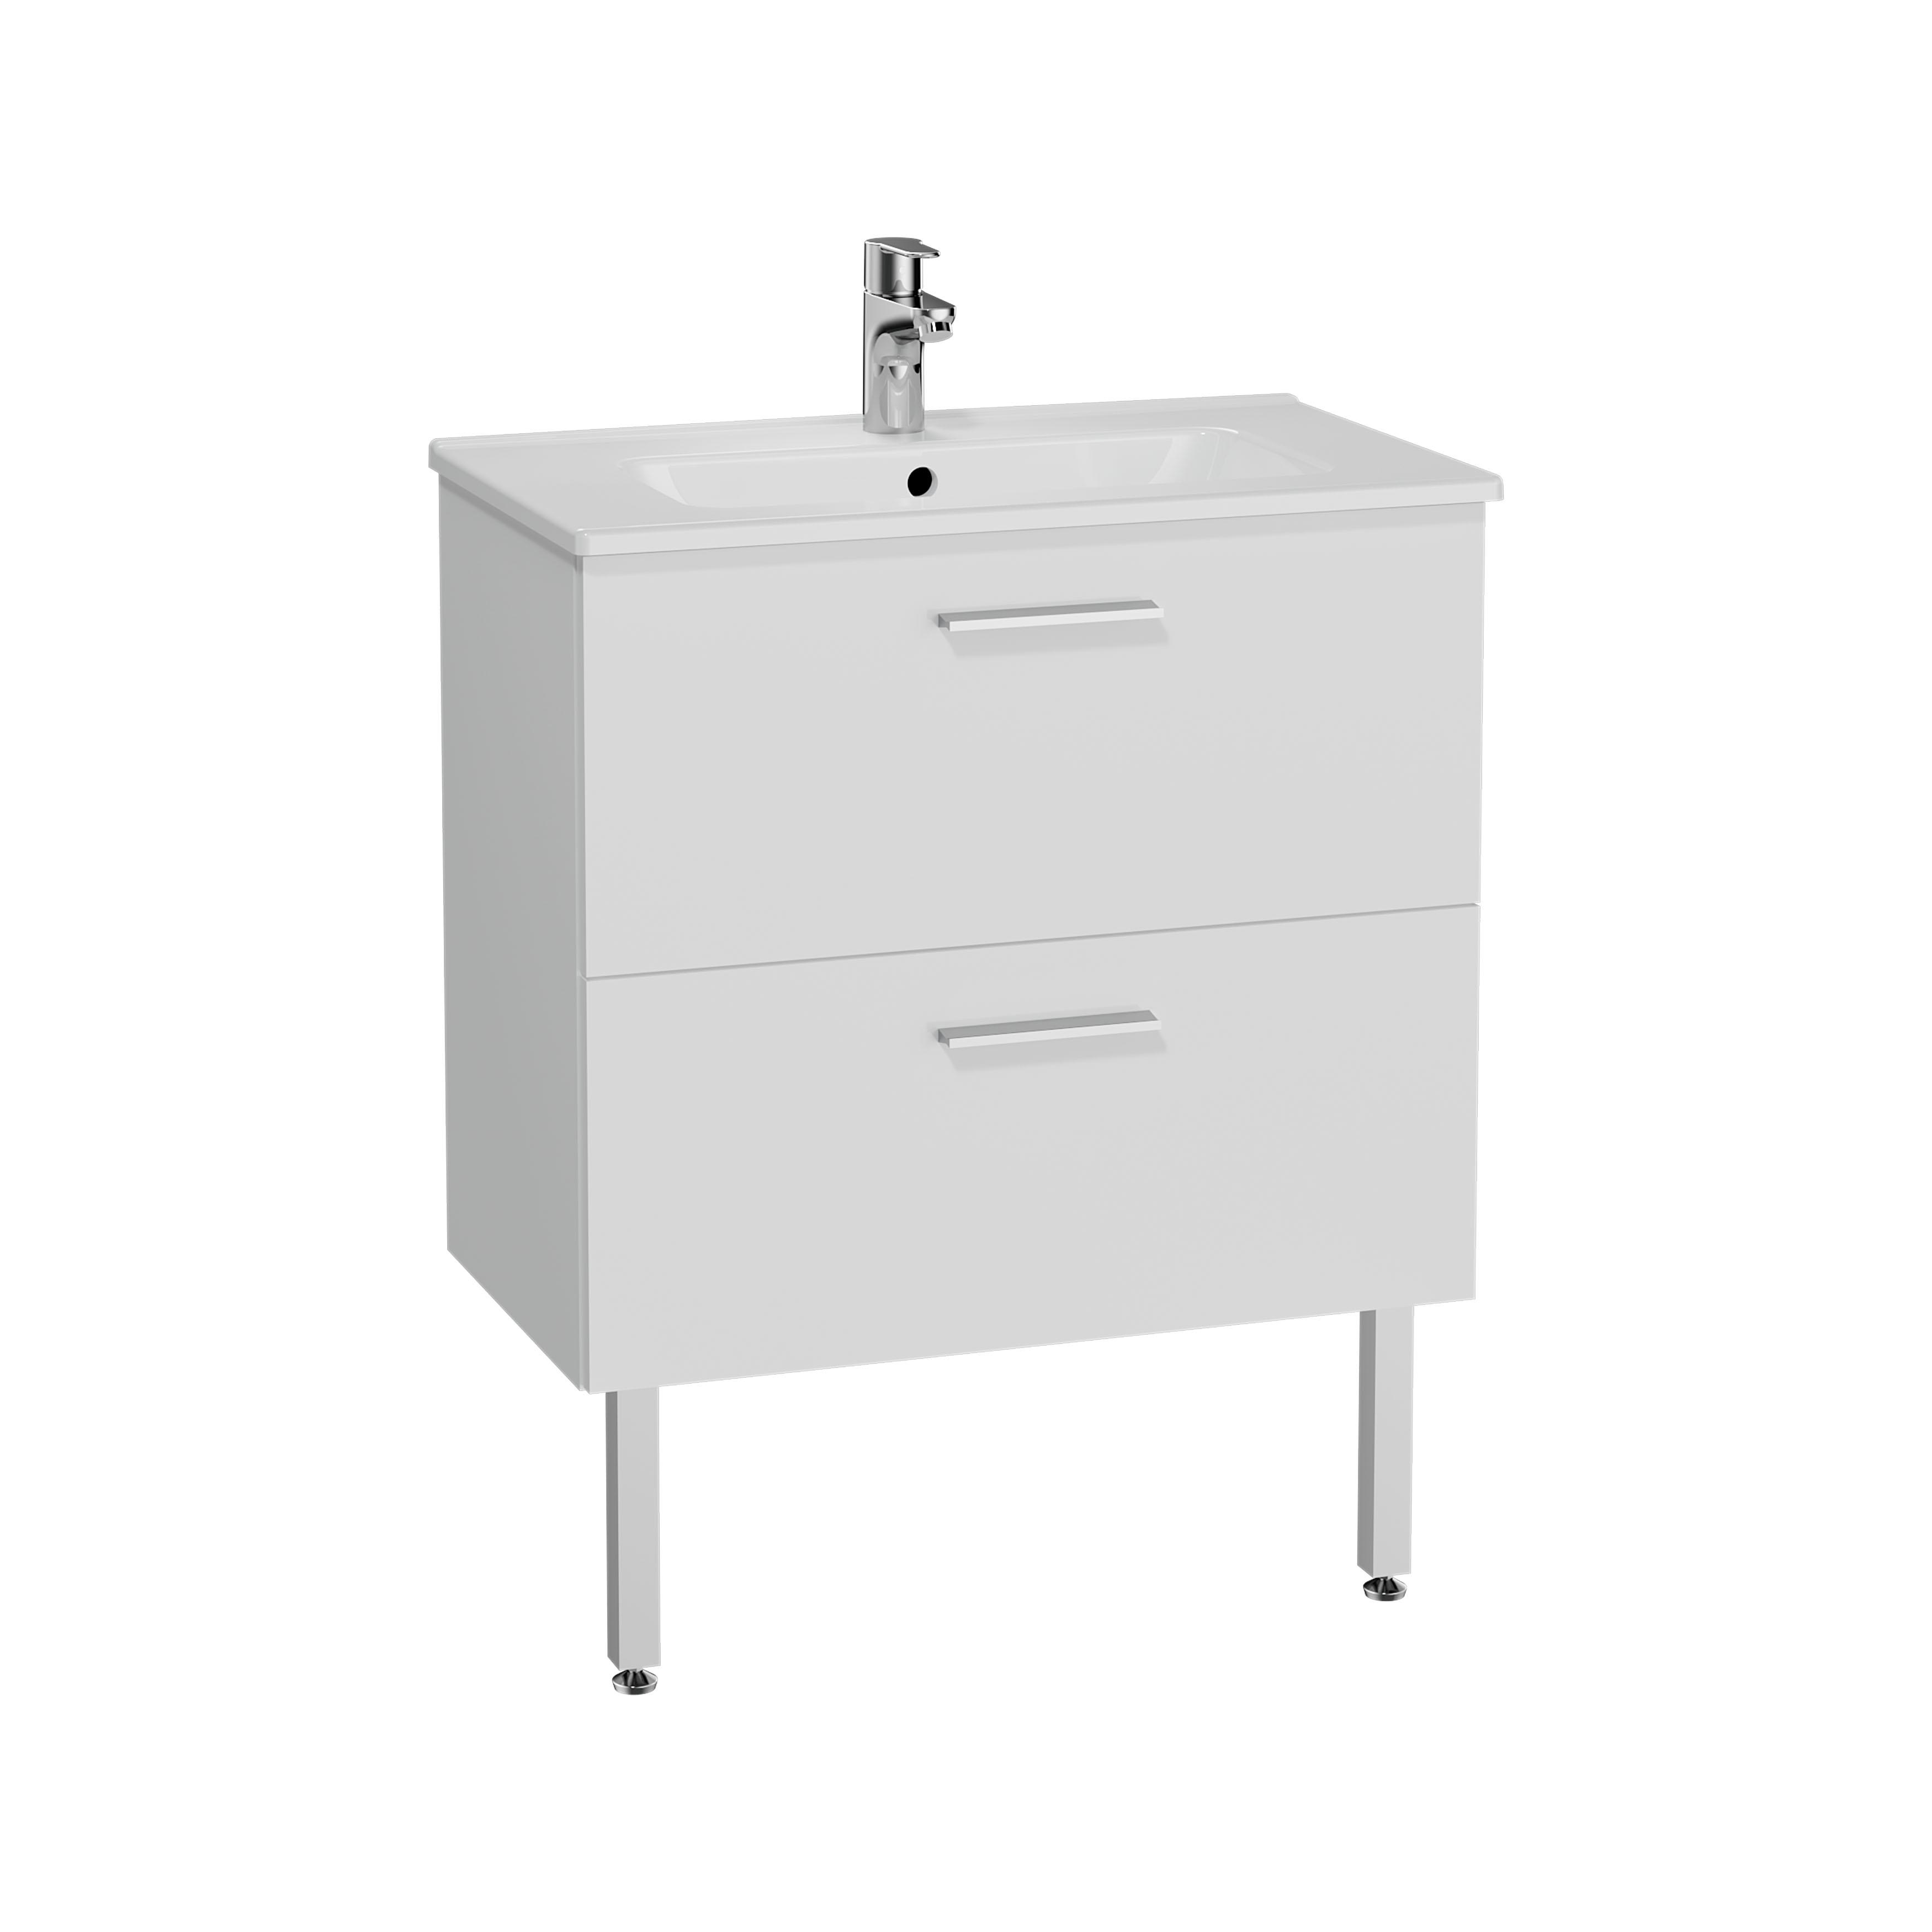 Mia set de meuble, avec 2 tiroirs, sans miroir et éclairage, 70 cm, blanc